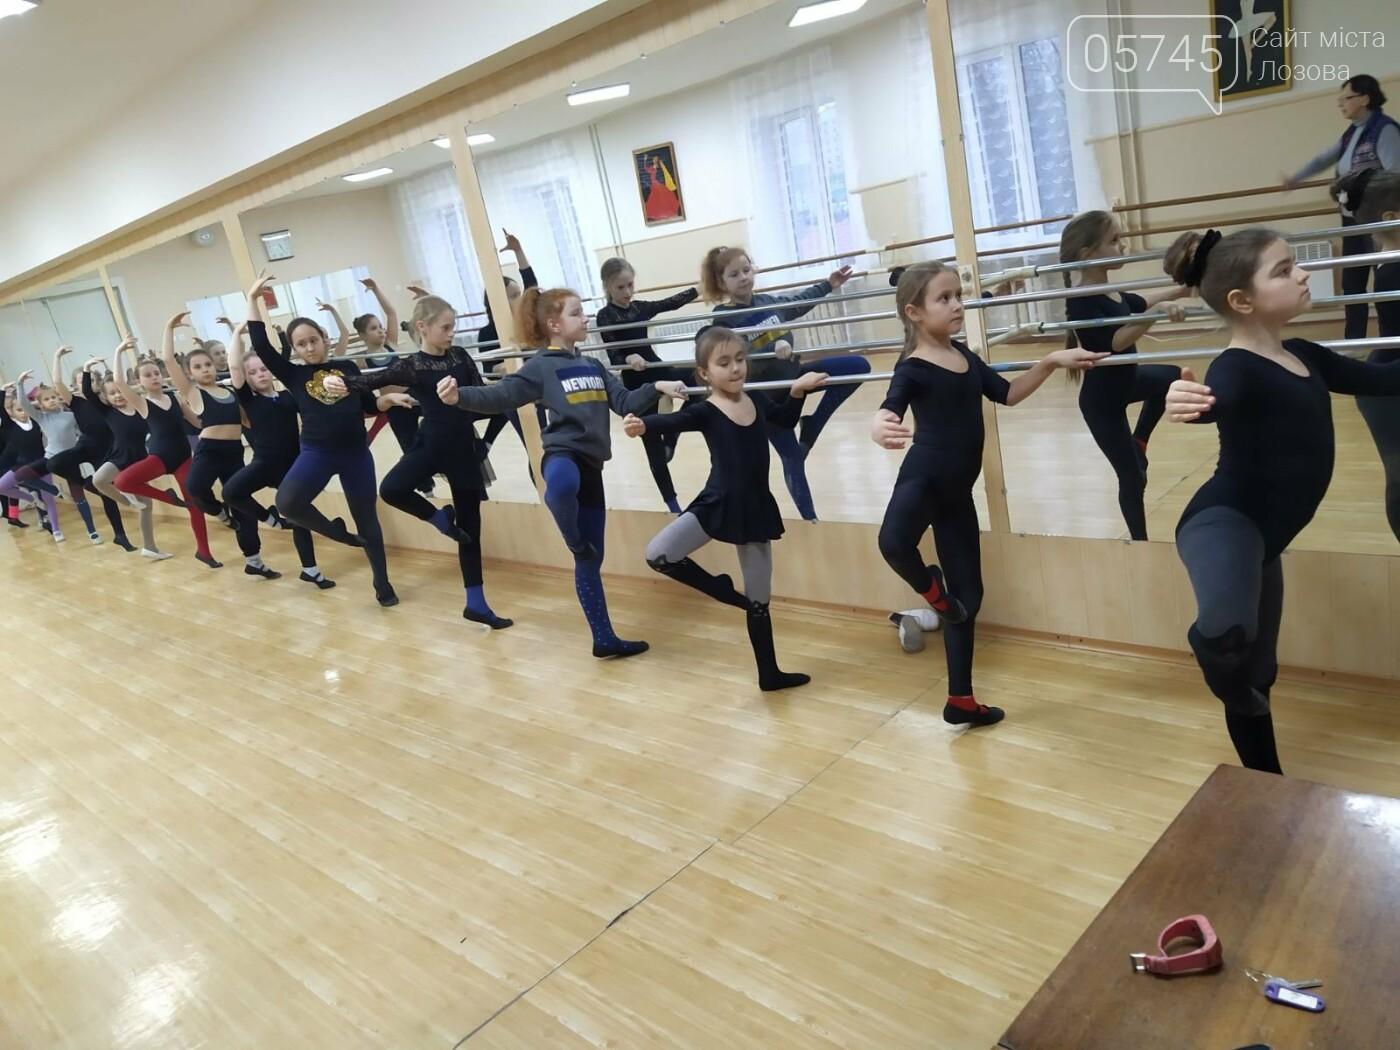 «Будет танцевать вся Лозовая»: обучение танцам в ансамбле «Графика», фото-2